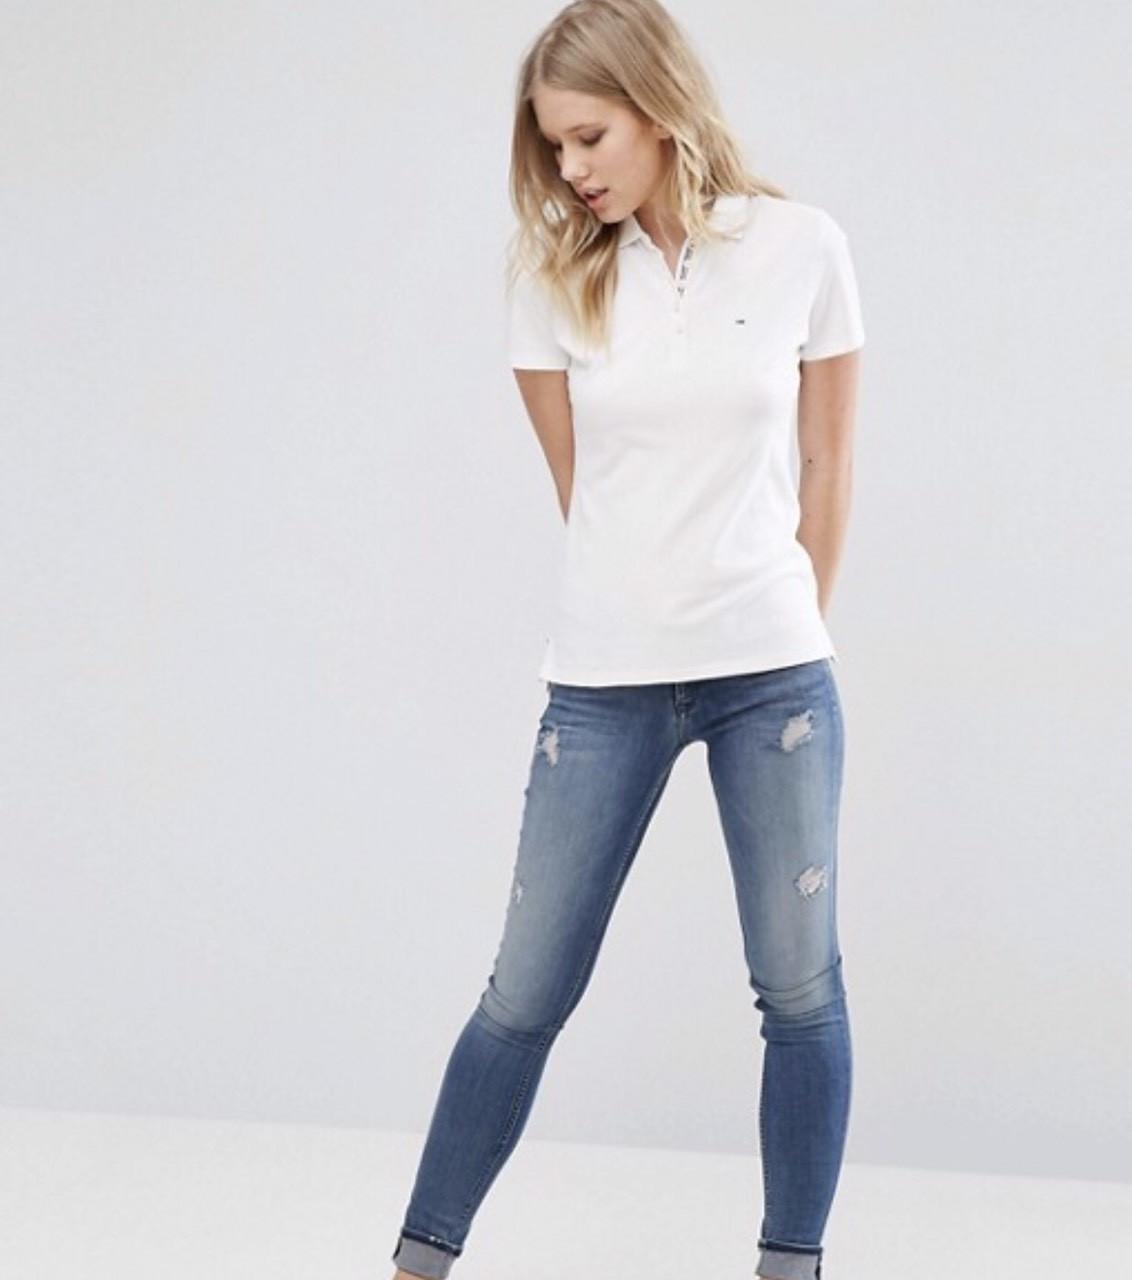 Женская футболка поло Tommy Hilfiger белая